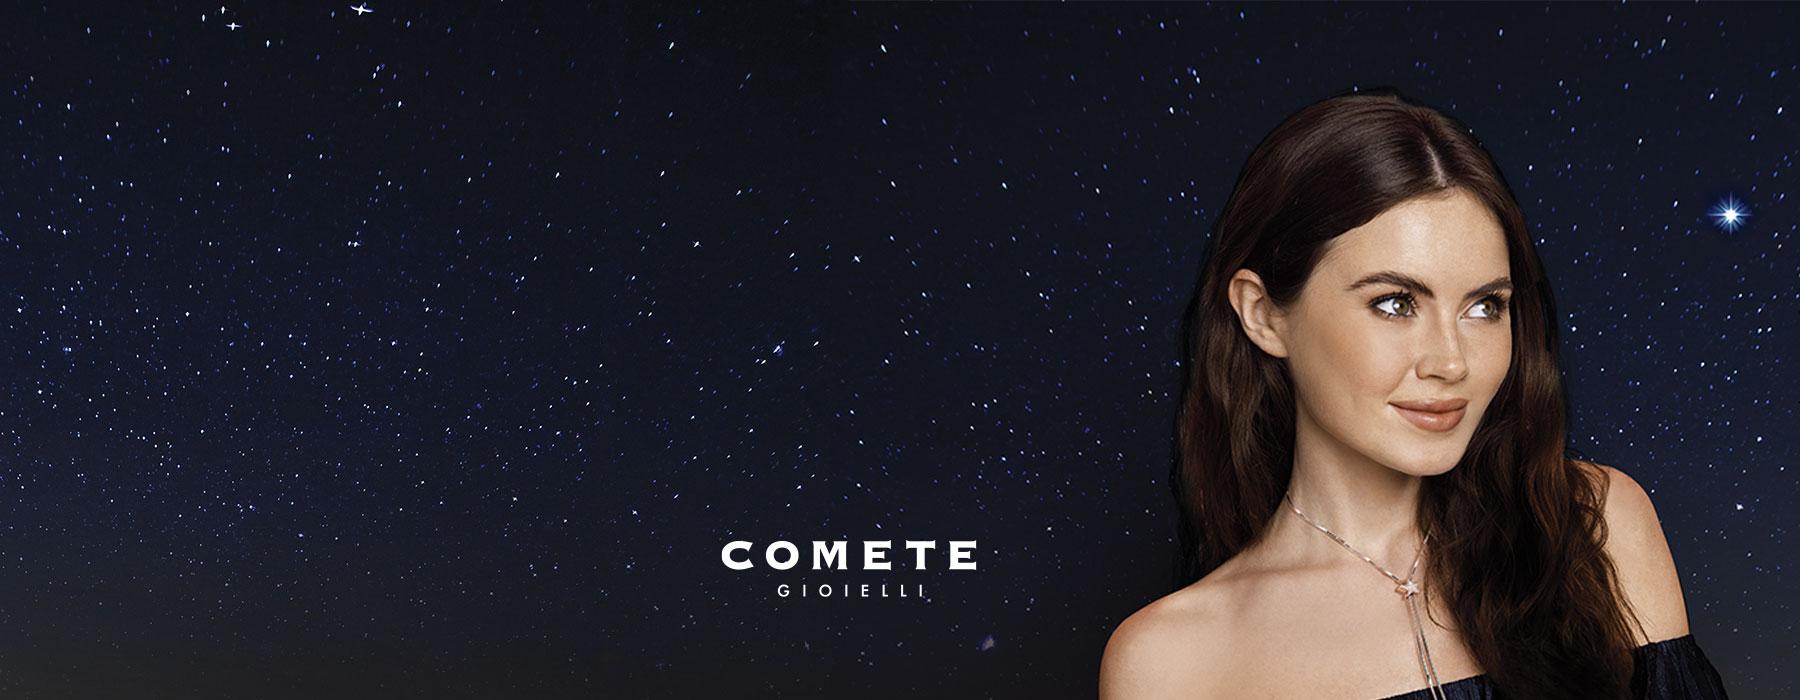 collezione spak comete gioielli